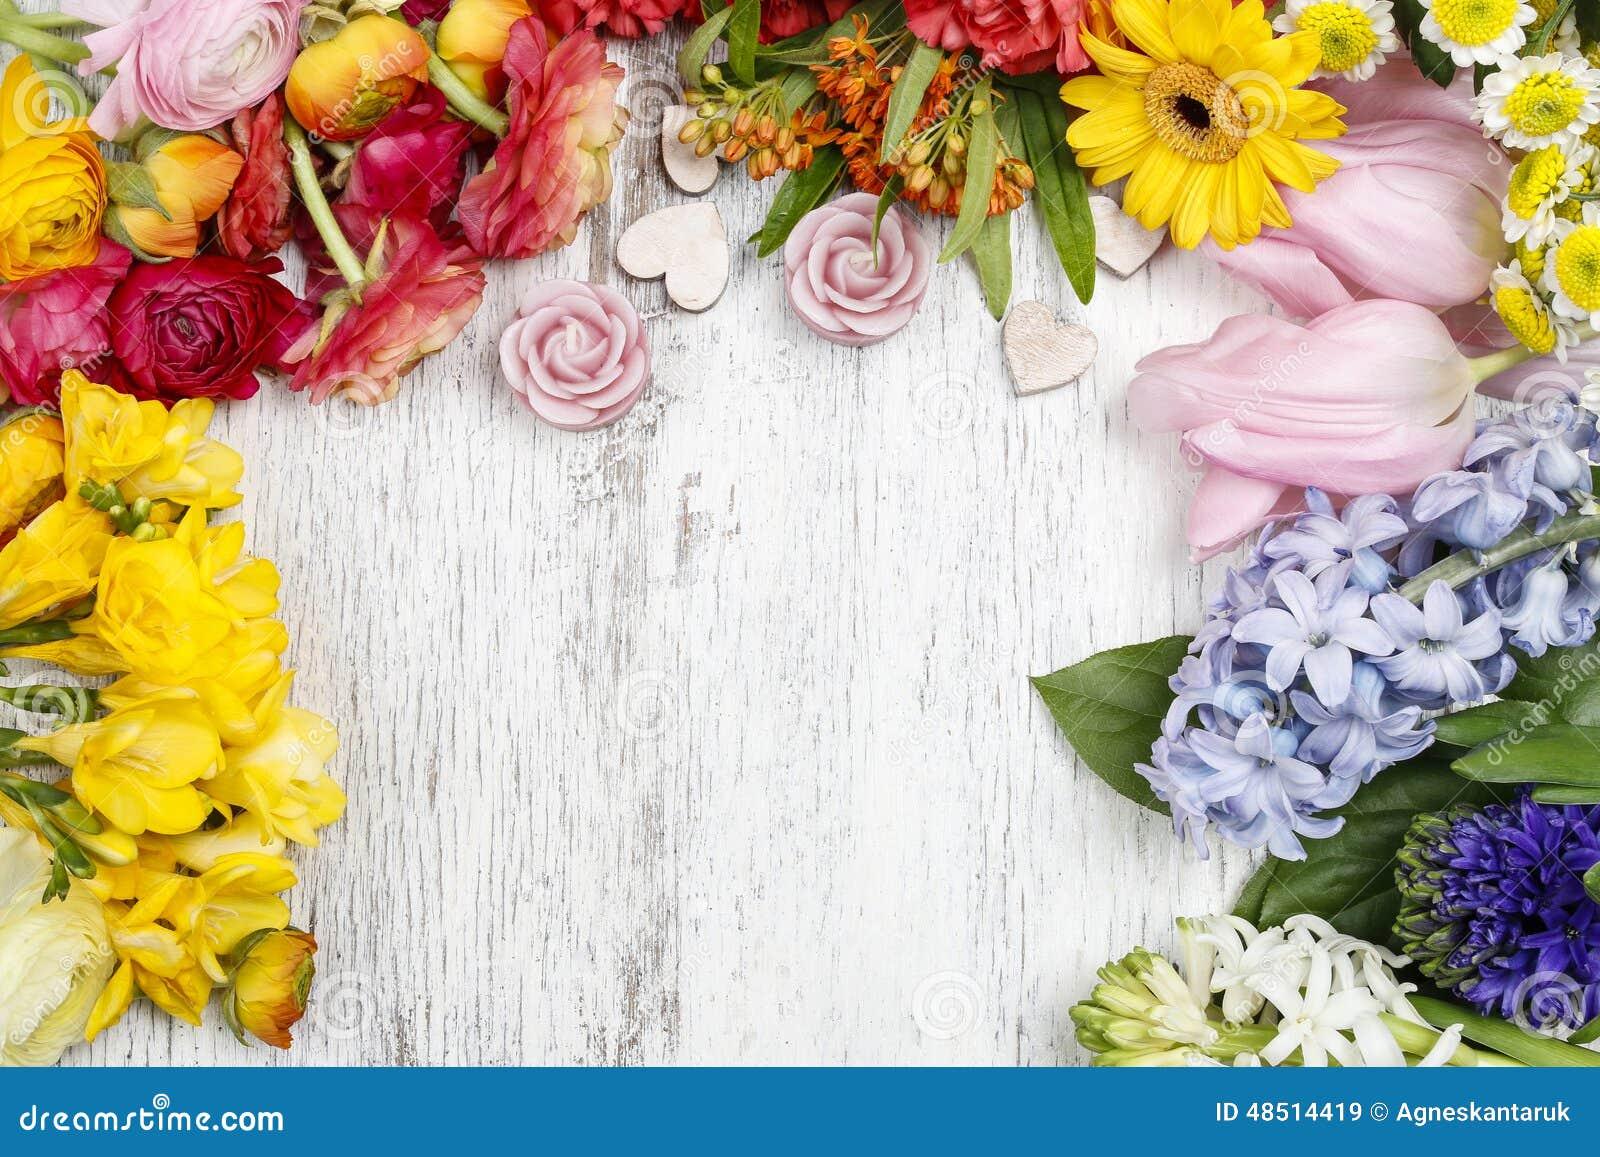 Blomsterhandlaredanandebuketten av den persiska smörblomman blommar (ranunculusen)